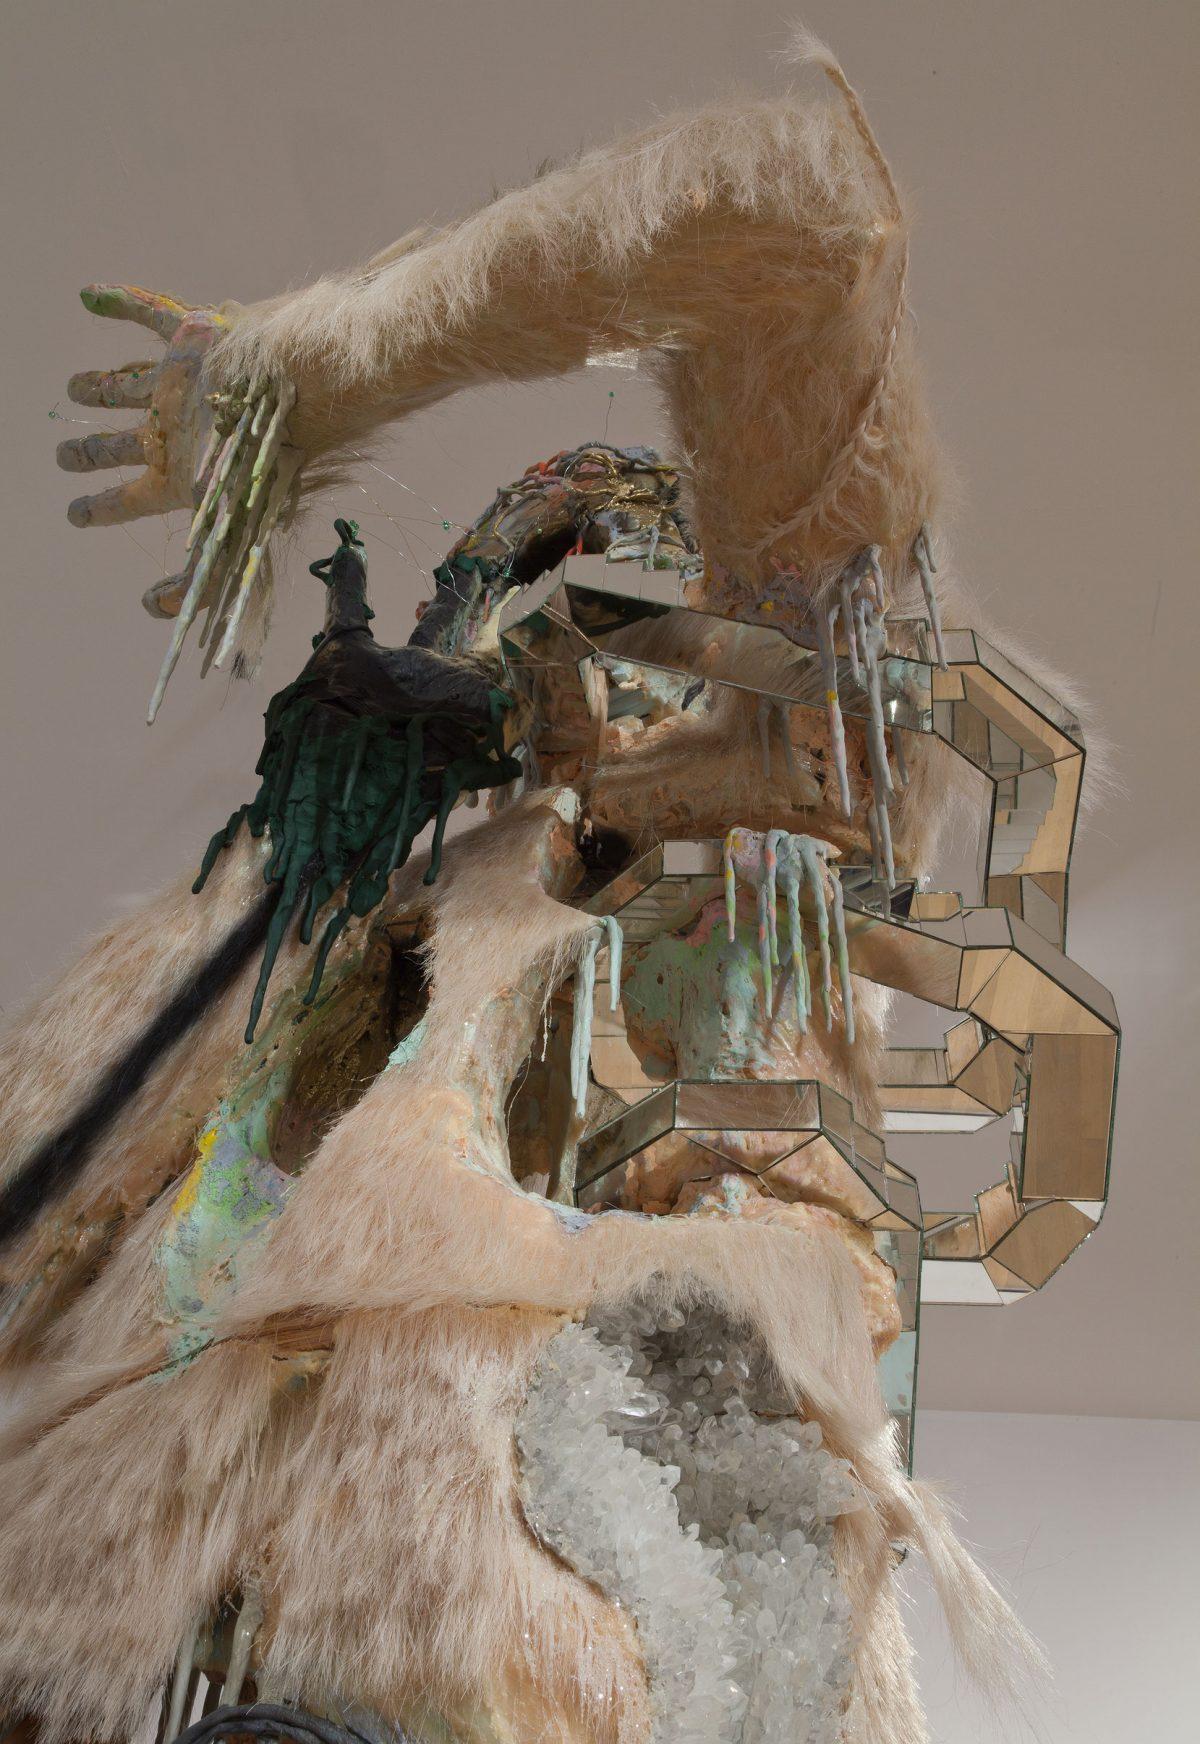 détail de Le Berger, 2008, David Altmejd, Bois, contreplaqué, mousse de polyéthylène rigide, mousse de polyuréthane expansée, crin de cheval, cristaux, peinture, fils de fer, fils de laiton, perles de verre.